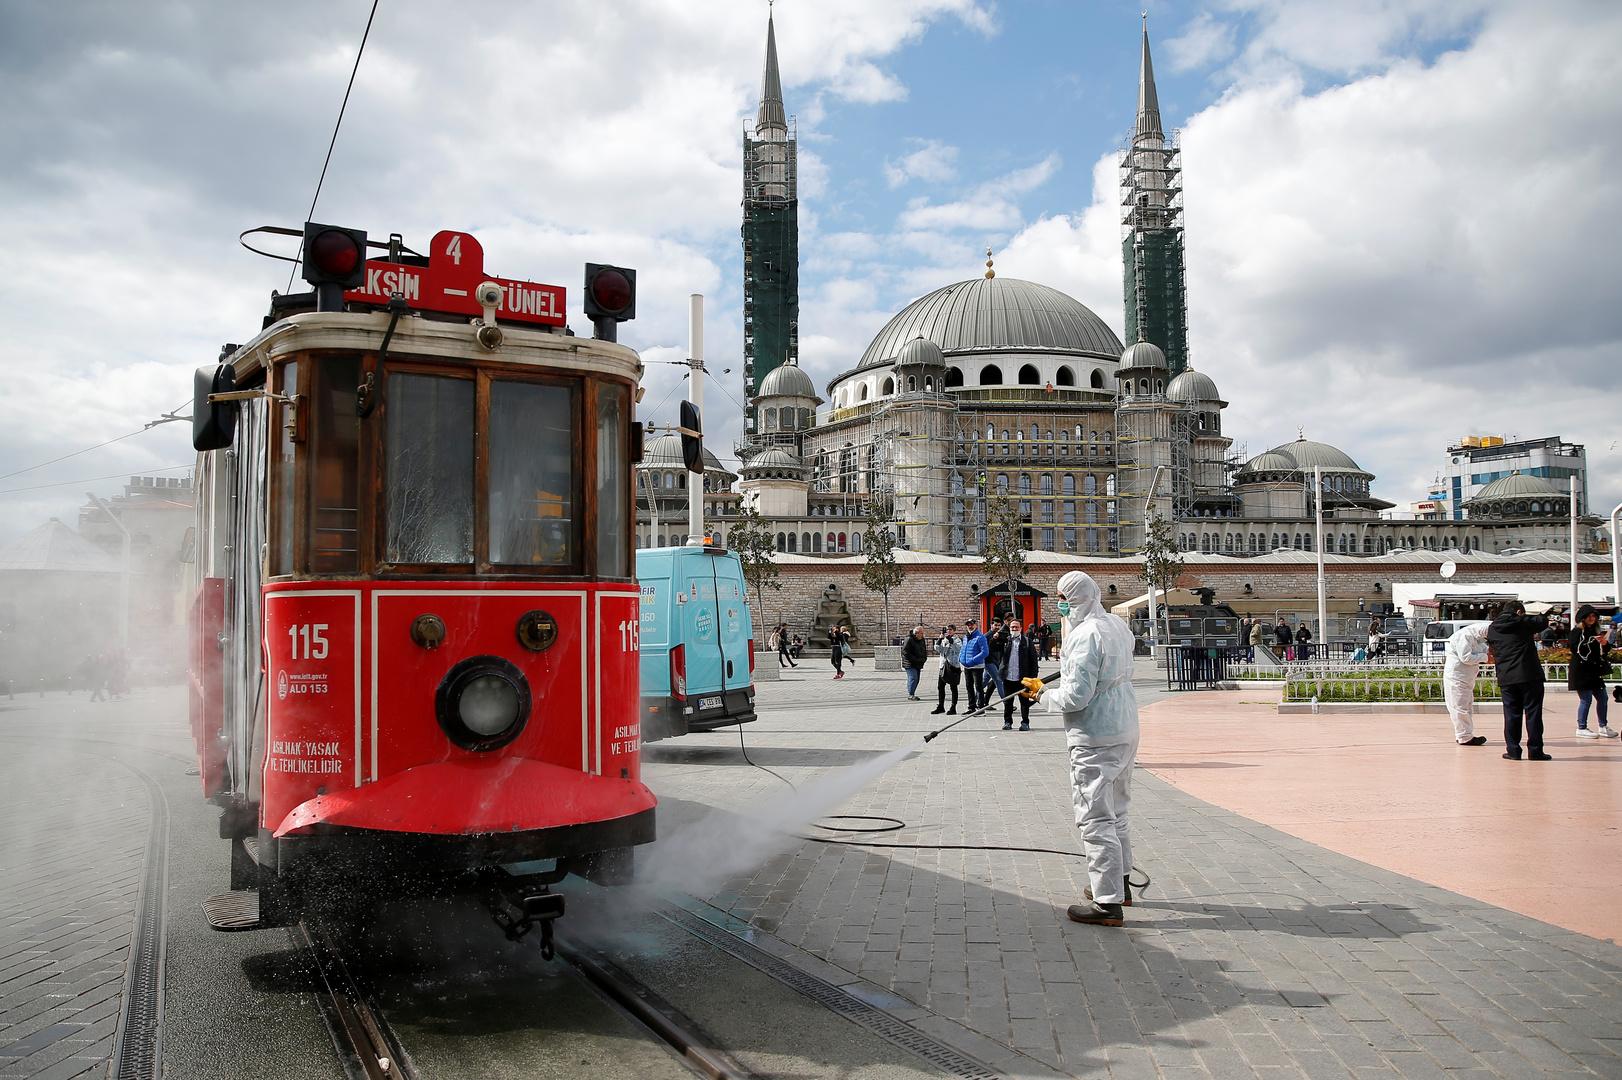 تسجيل 168 إصابة جديدة بفيروس كورونا في تركيا - RT Arabic